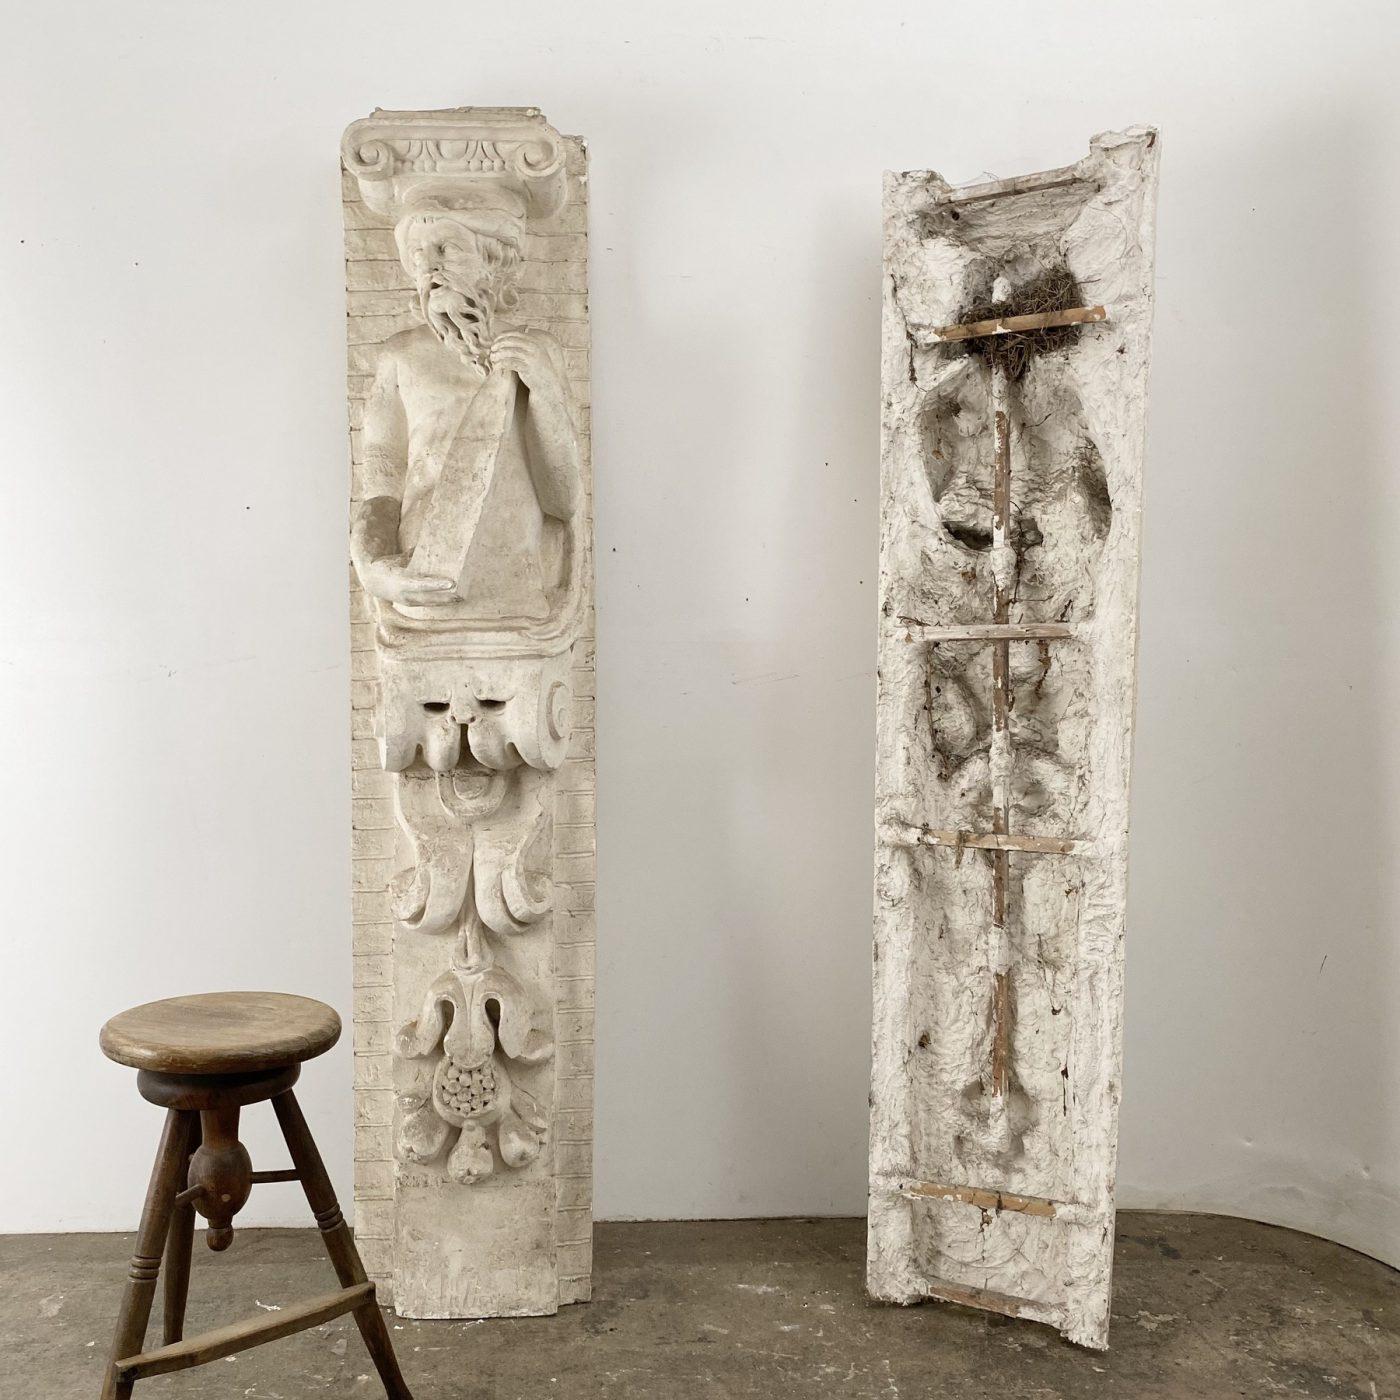 objet-vagabond-plaster-fragment0000